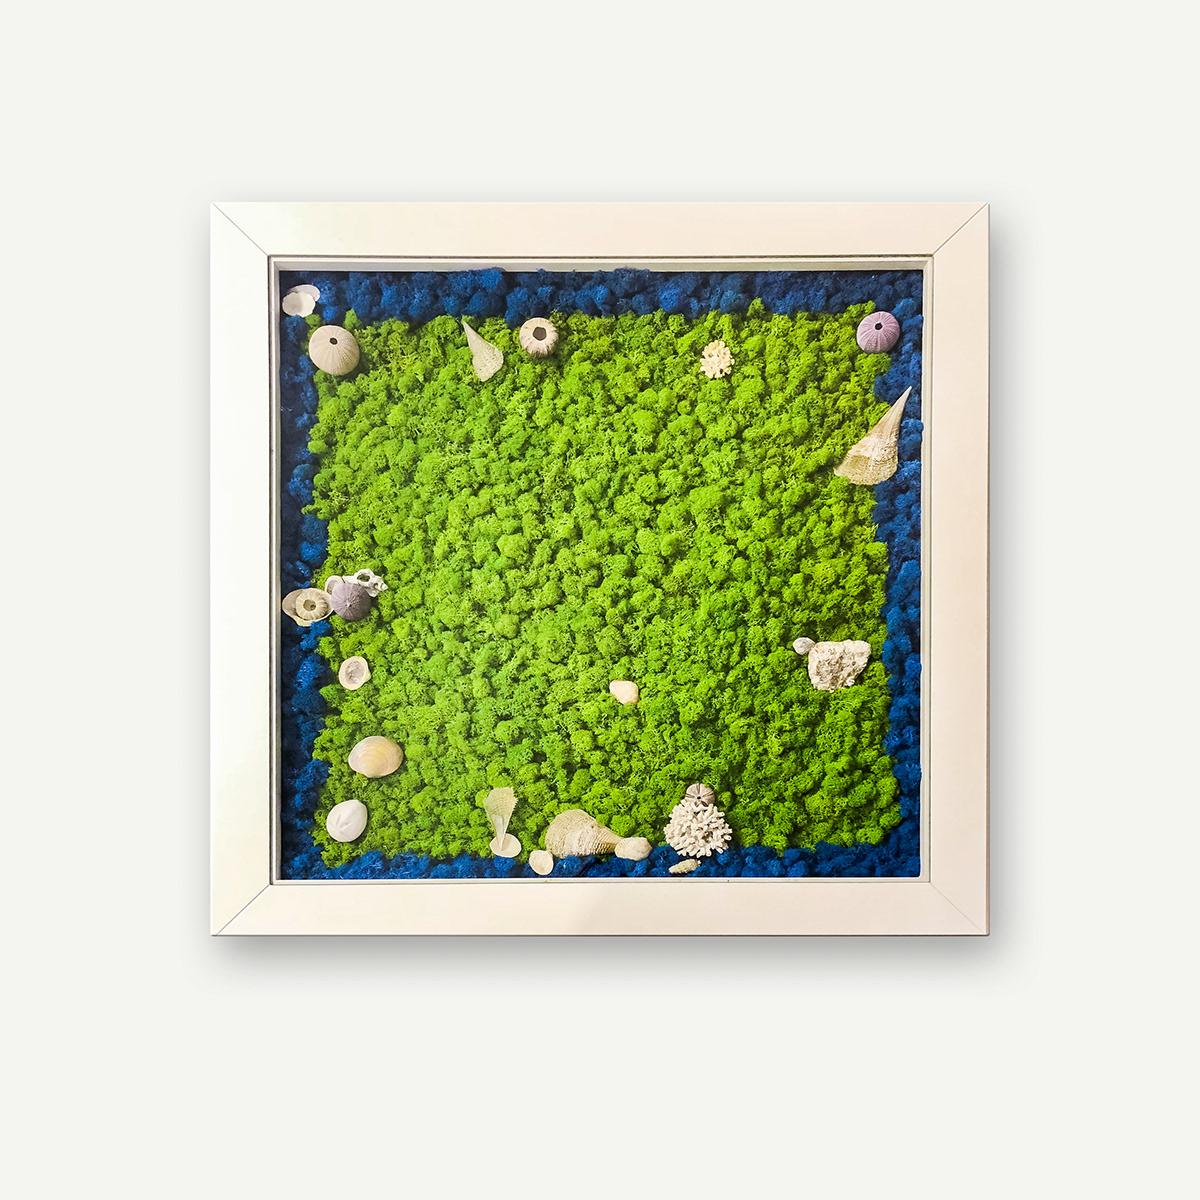 scandinavian moss polar moss preserved moss greenery Natural Interior Design green design